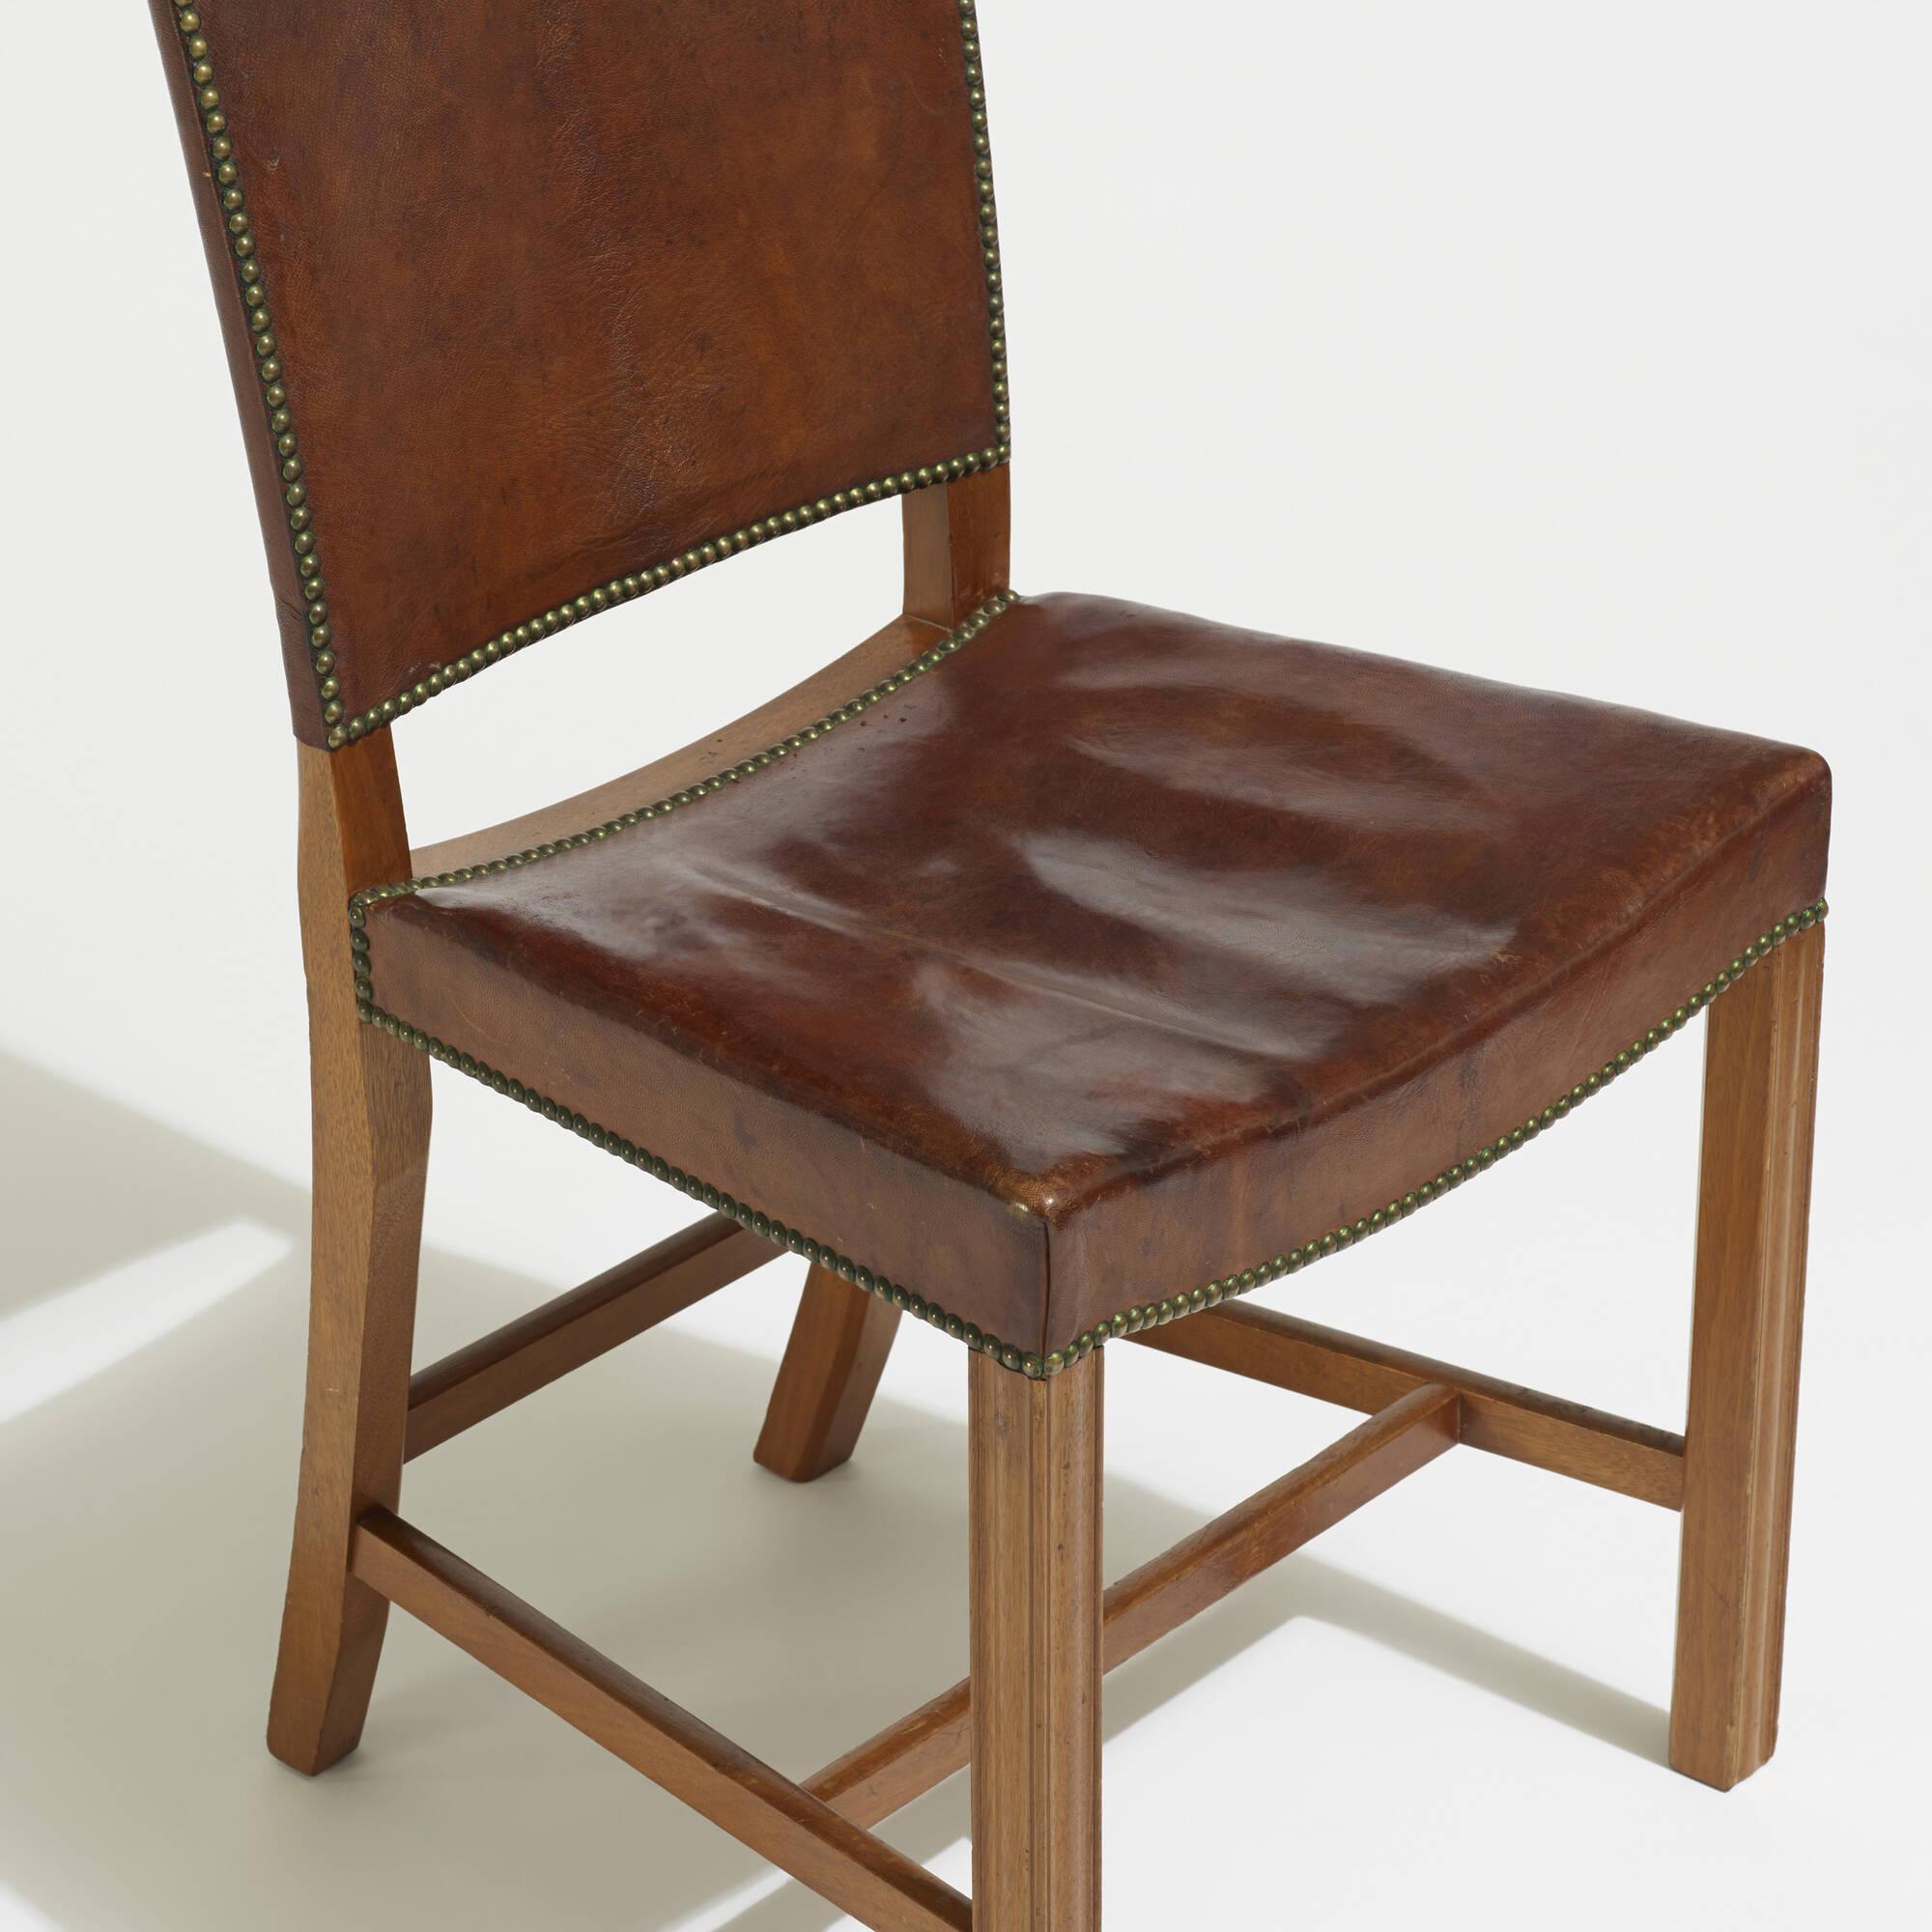 231 Kaare Klint Barcelona chair Scandinavian Design 20